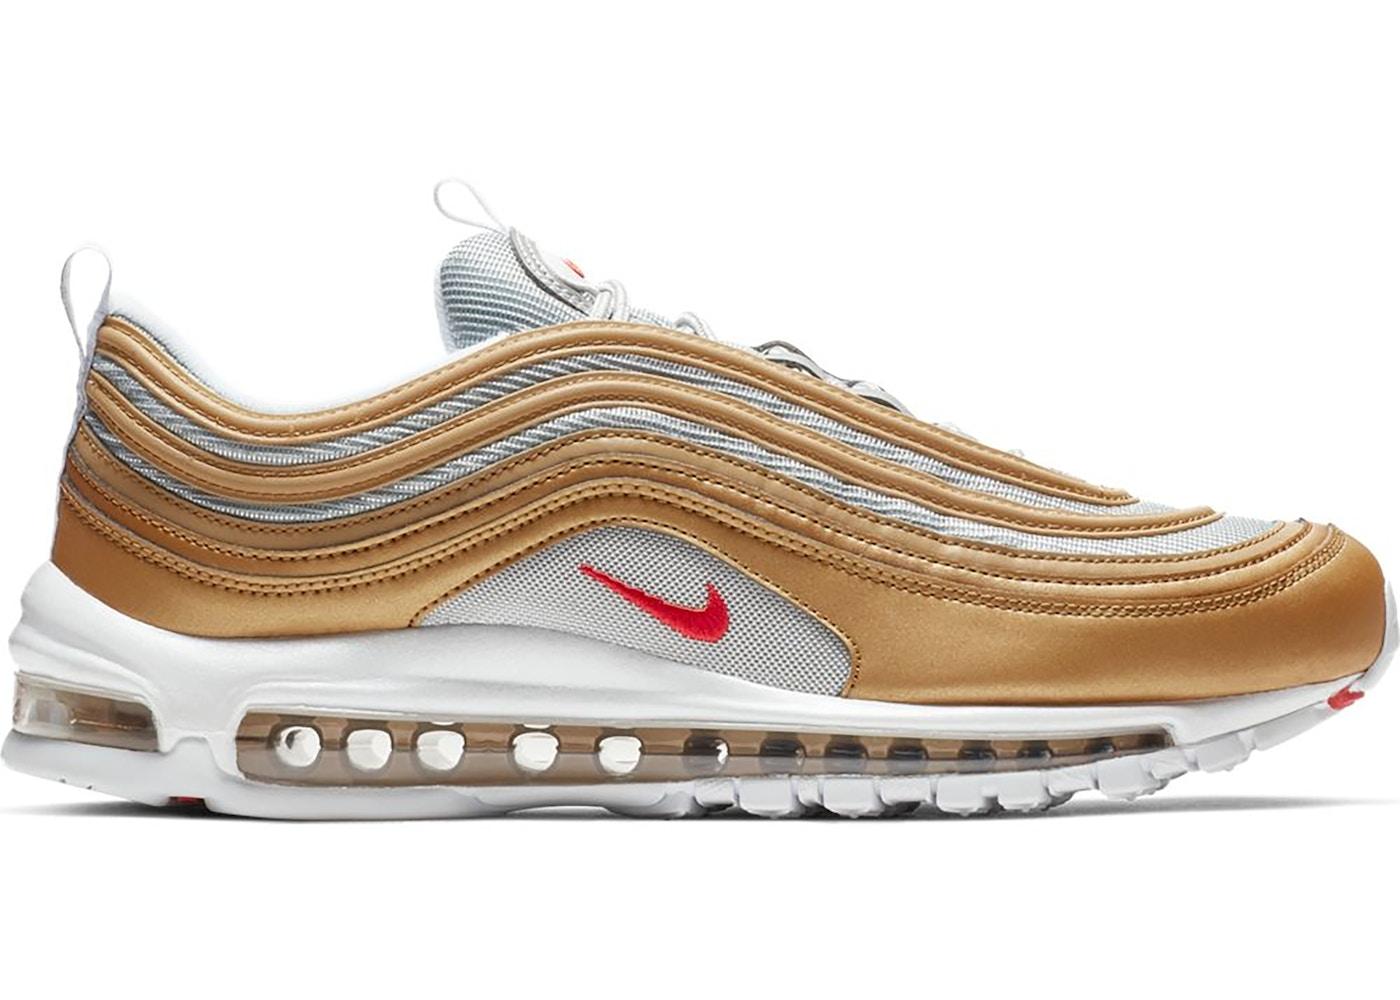 Nike Air Max 97 Metallic Gold University Red